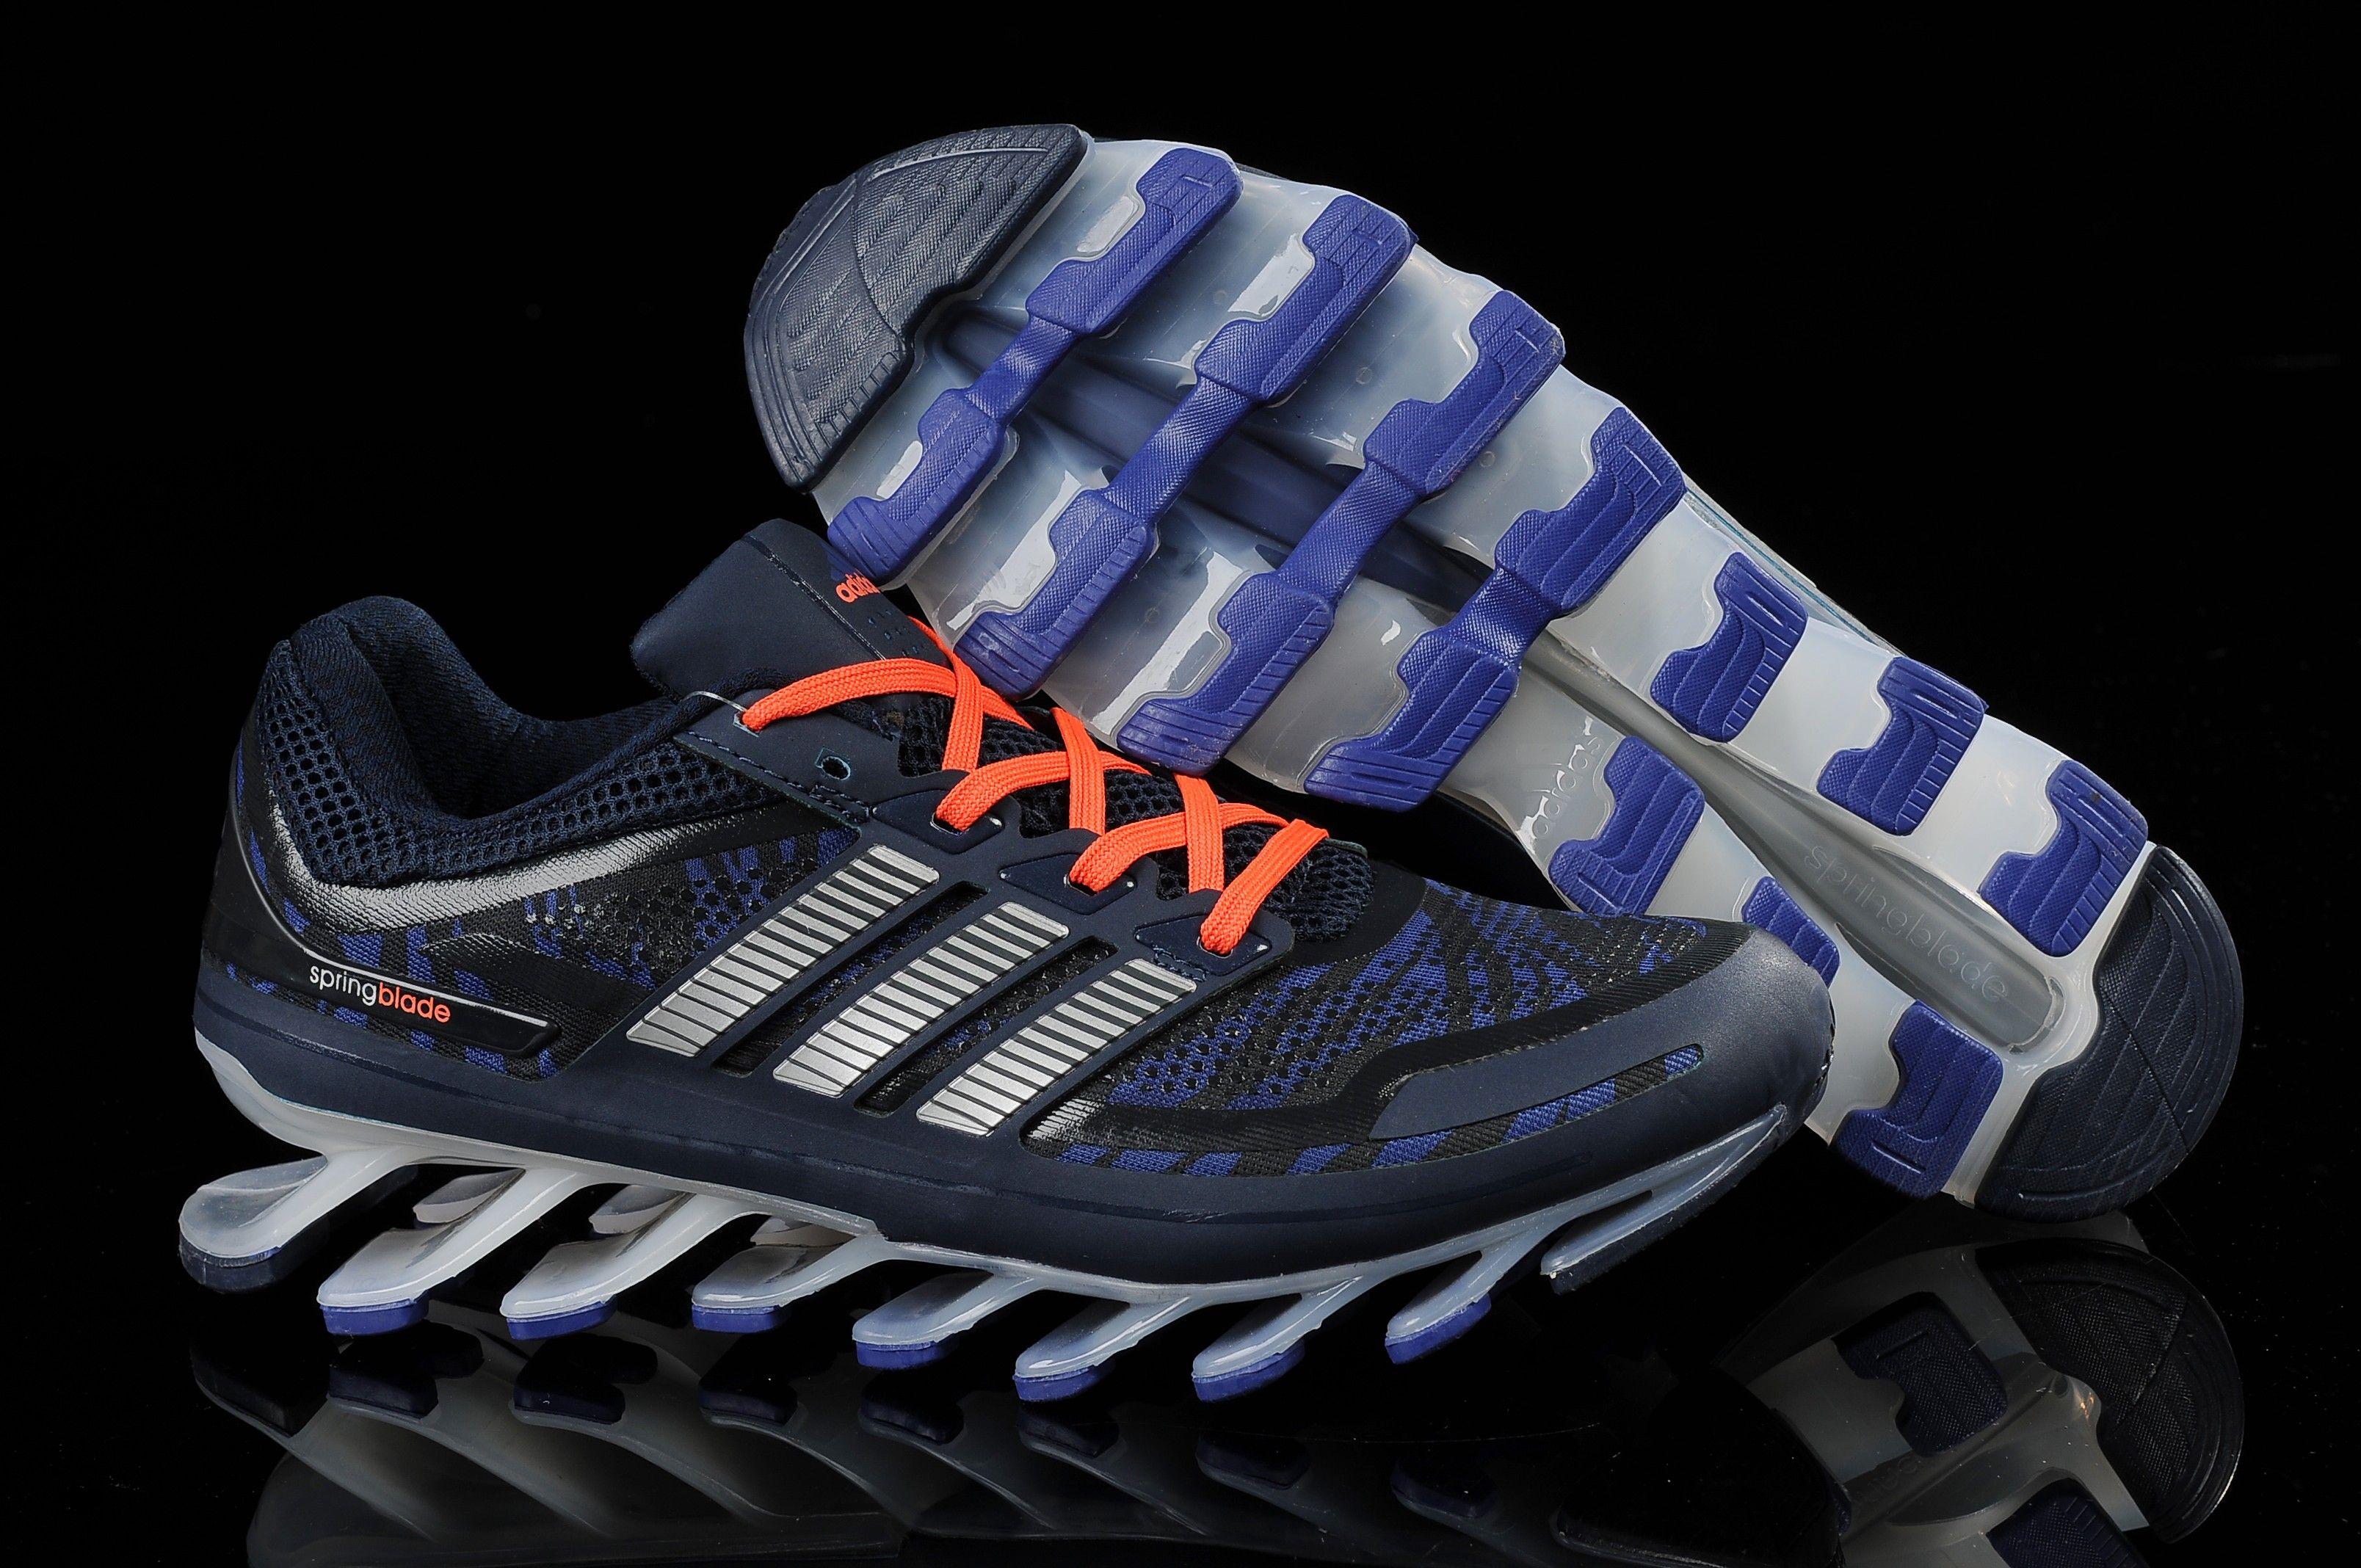 Cheap Adidas Springblade Camo Blue Sliver Orange Men's